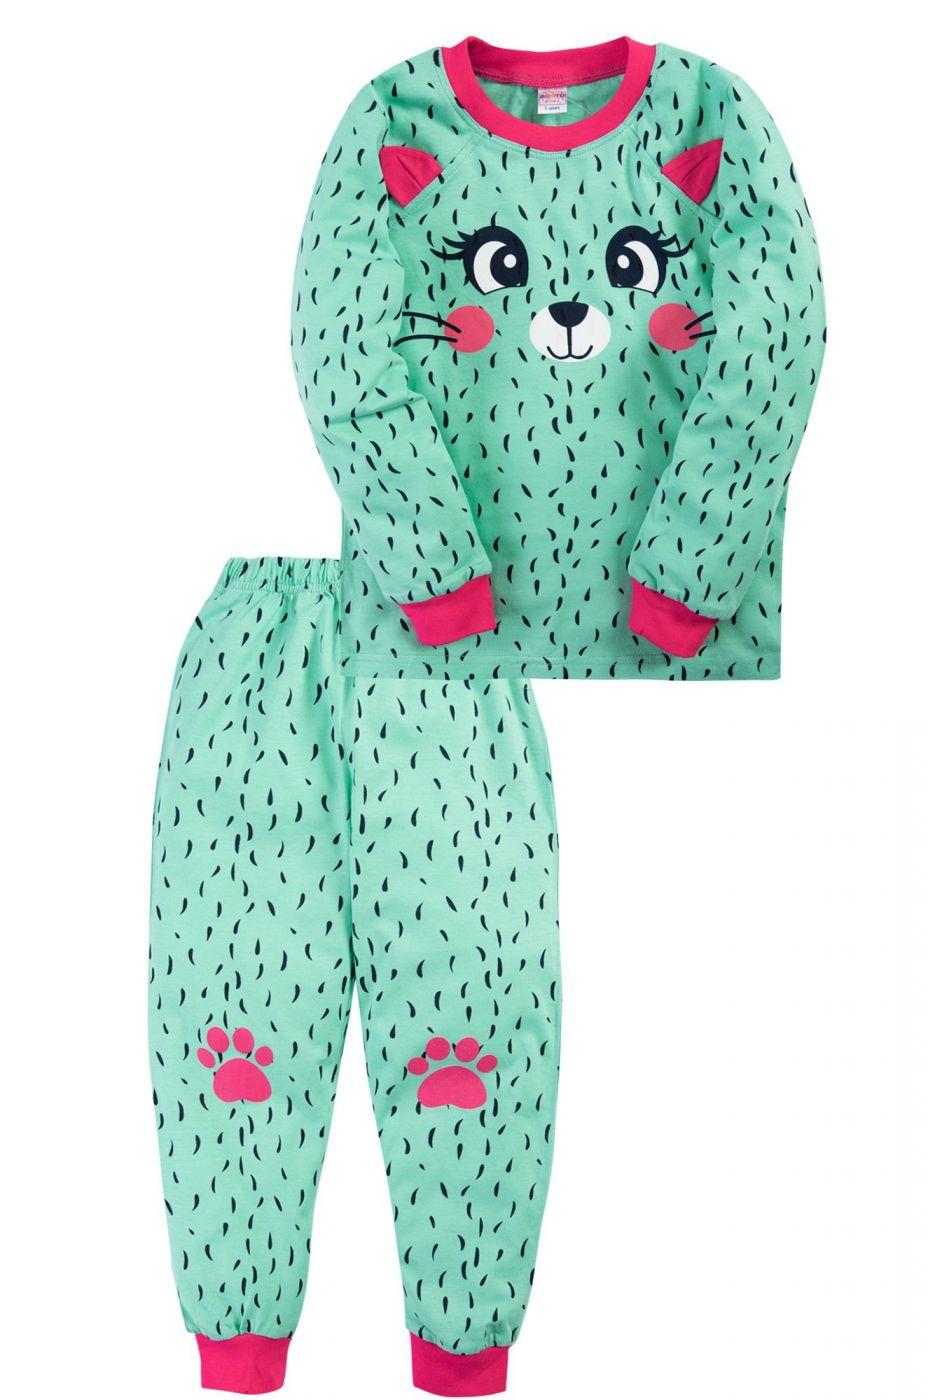 Пижама для девочки Bonito ментоловая с мордочкой кошки